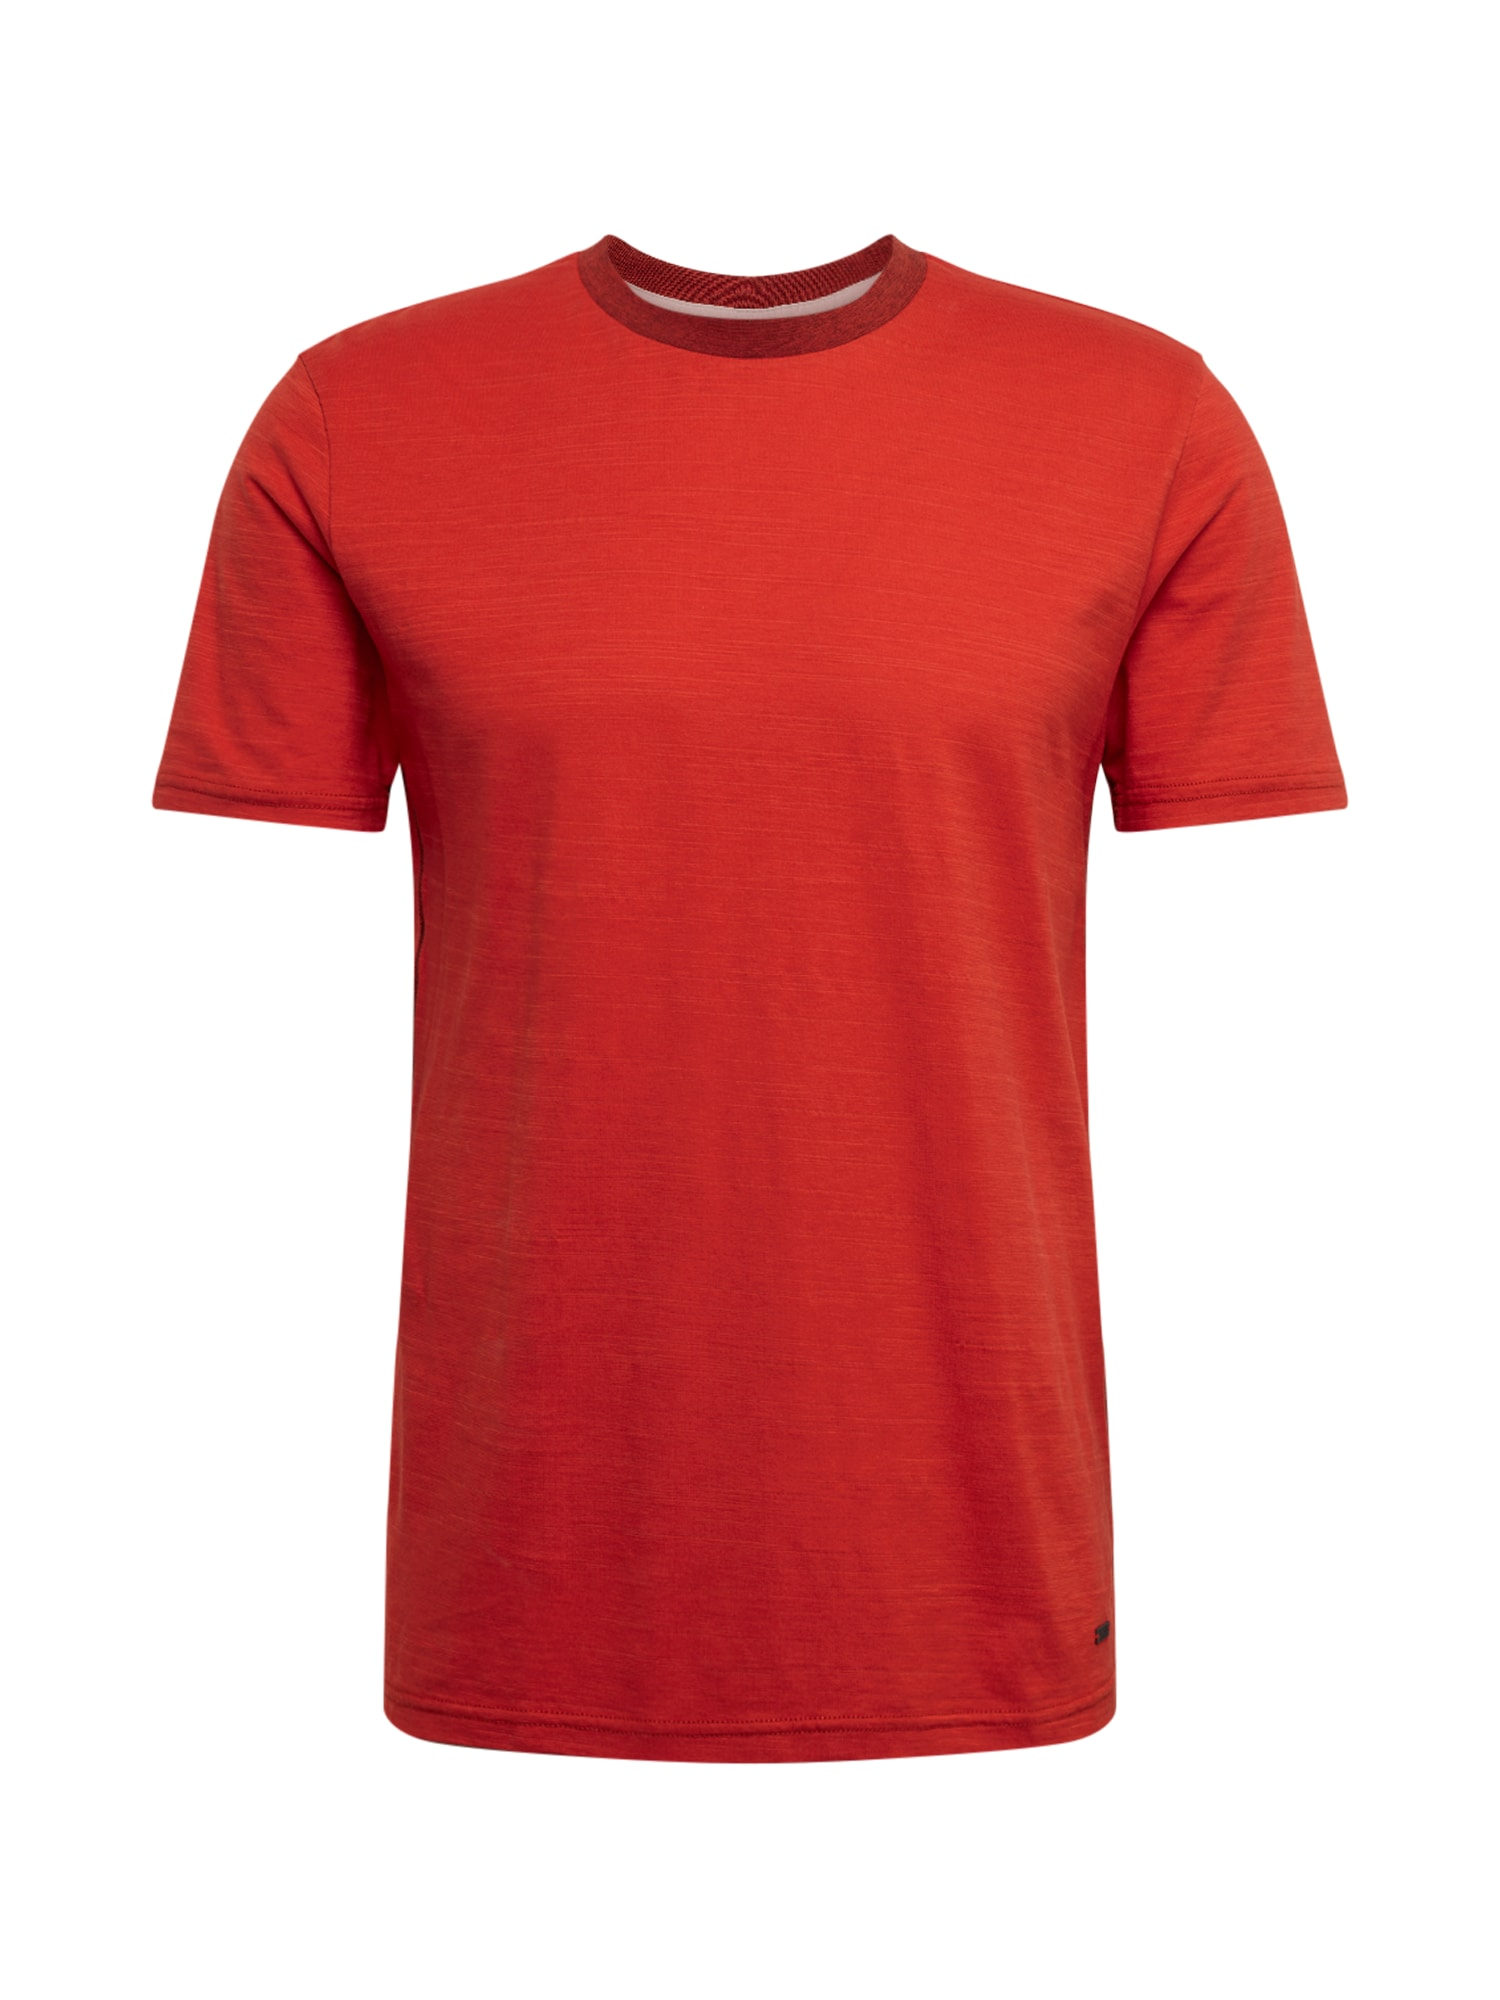 BOSS Marškinėliai 'Like' ugnies raudona